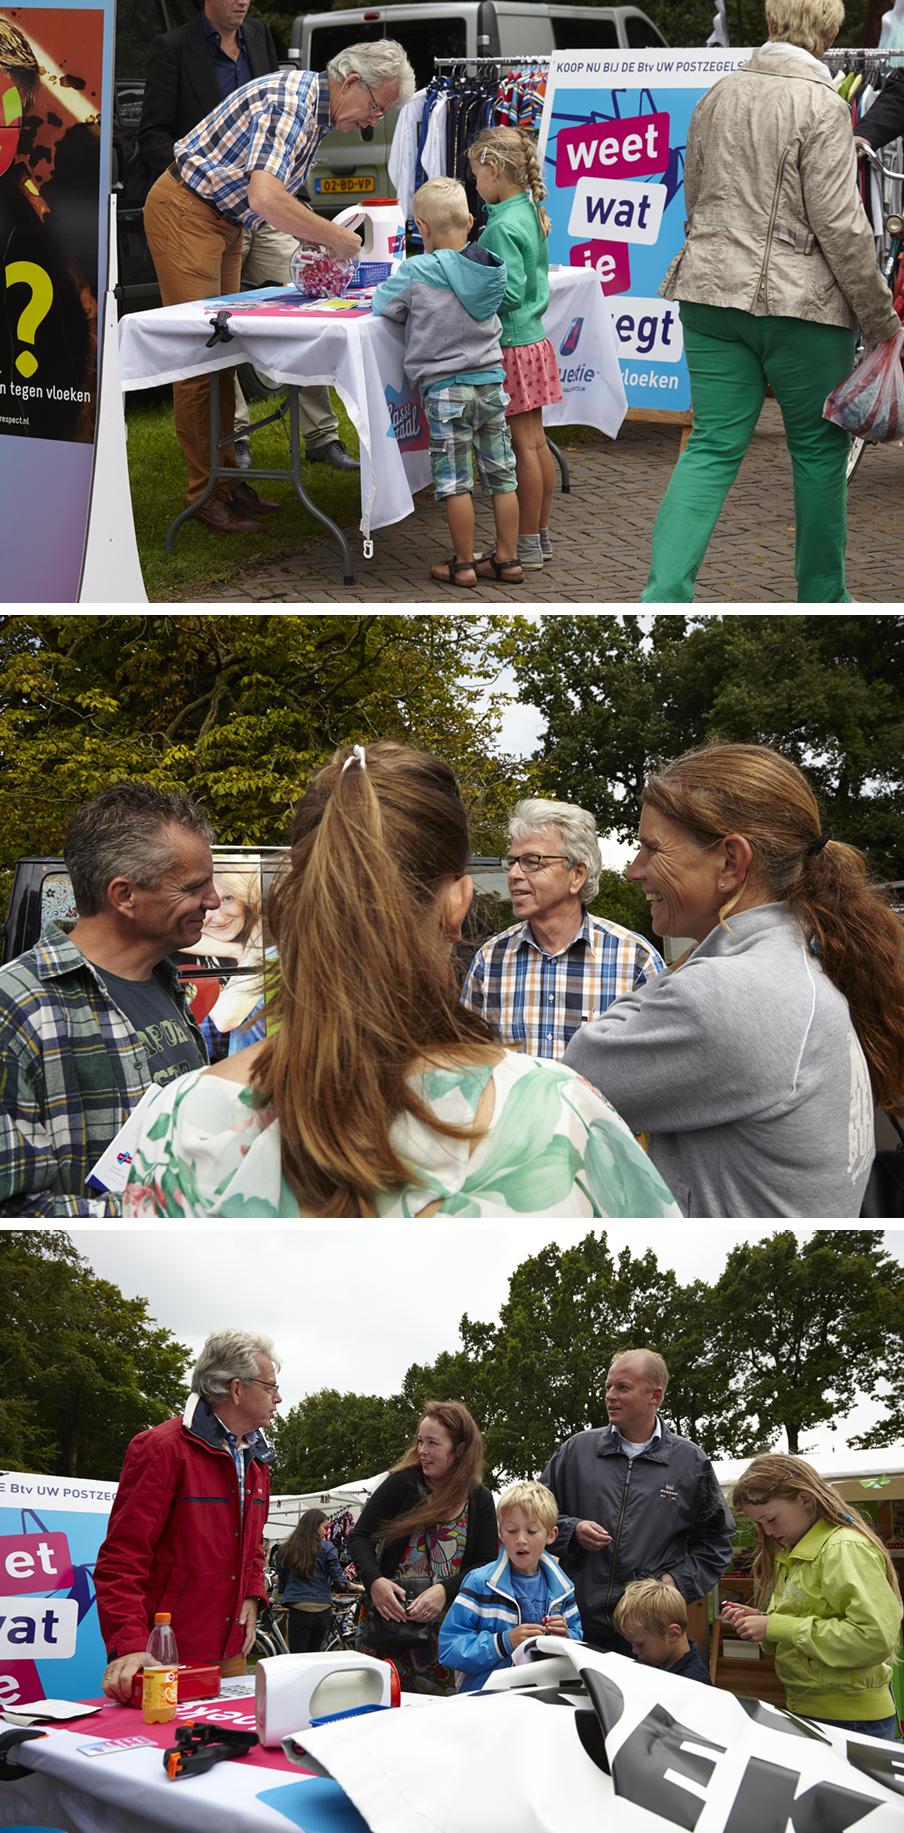 Bert Gijsbertse, coördinator van Bond tegen Vloeken, in gesprek met voorbijgangers op het Euifeest in Hasselt. Foto's: Niels Stomps